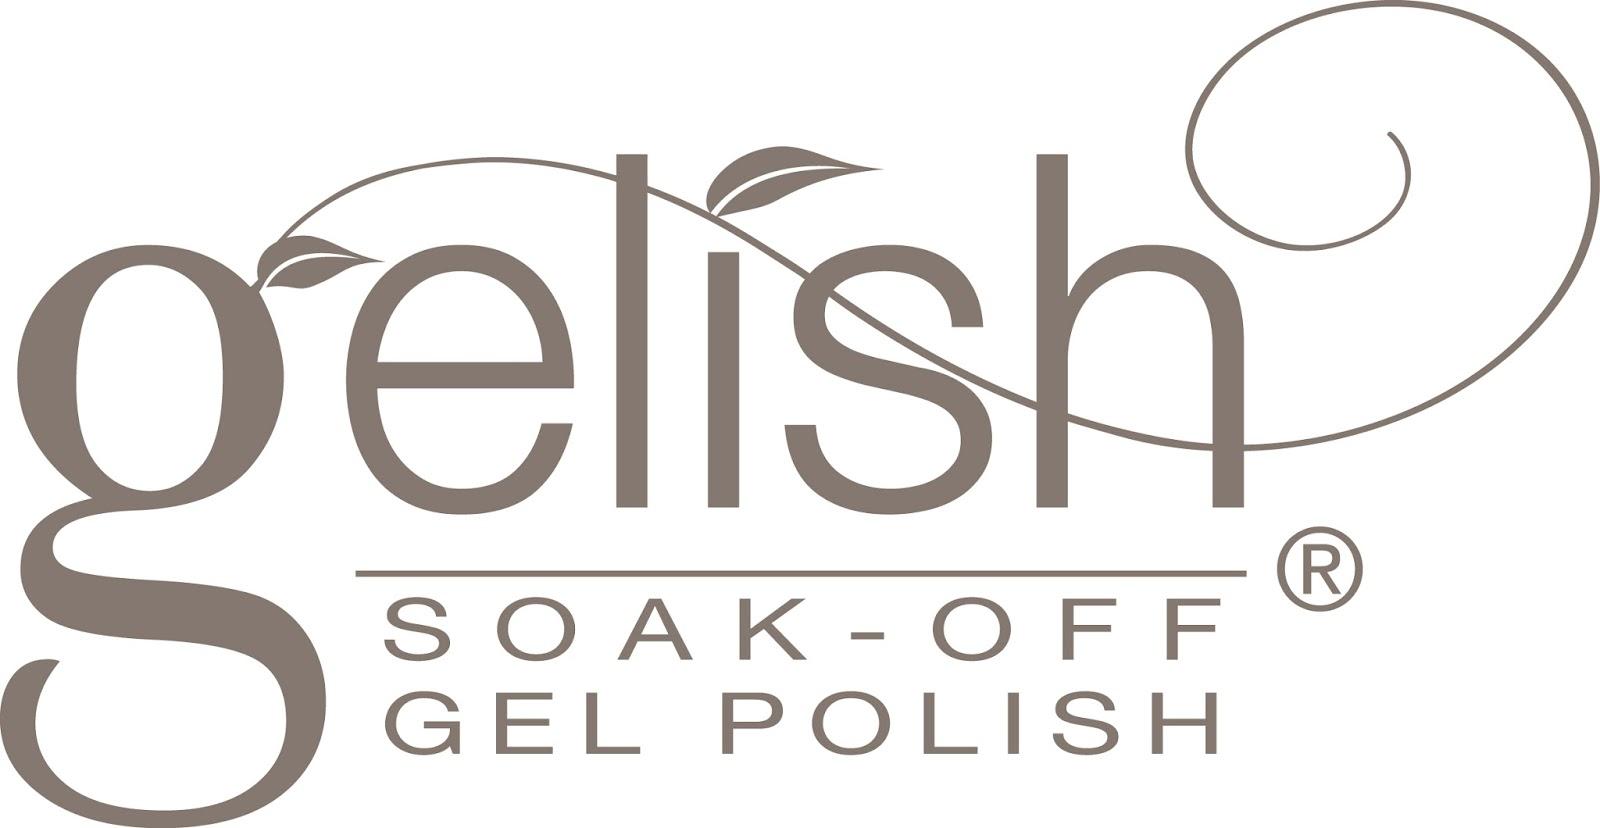 Gelish logo